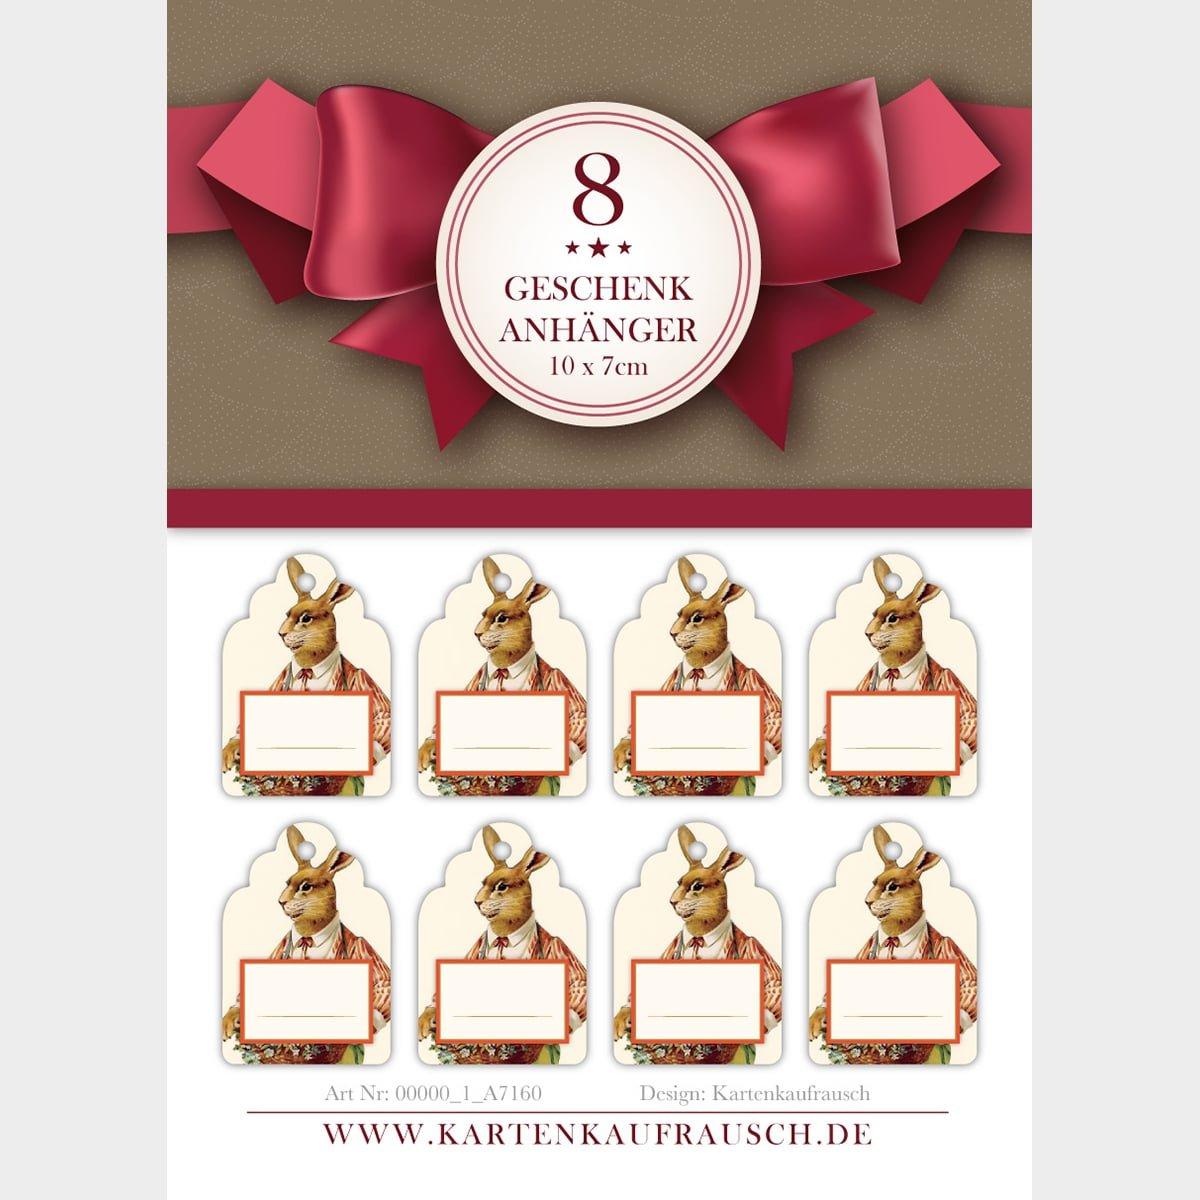 Kartenkaufrausch 80 klassische klassische klassische Vintage Oster Geschenkanhänger   Geschenkkärtchen in 10 x 7cm mit Osterhasen zum Beschriften 6fbff5